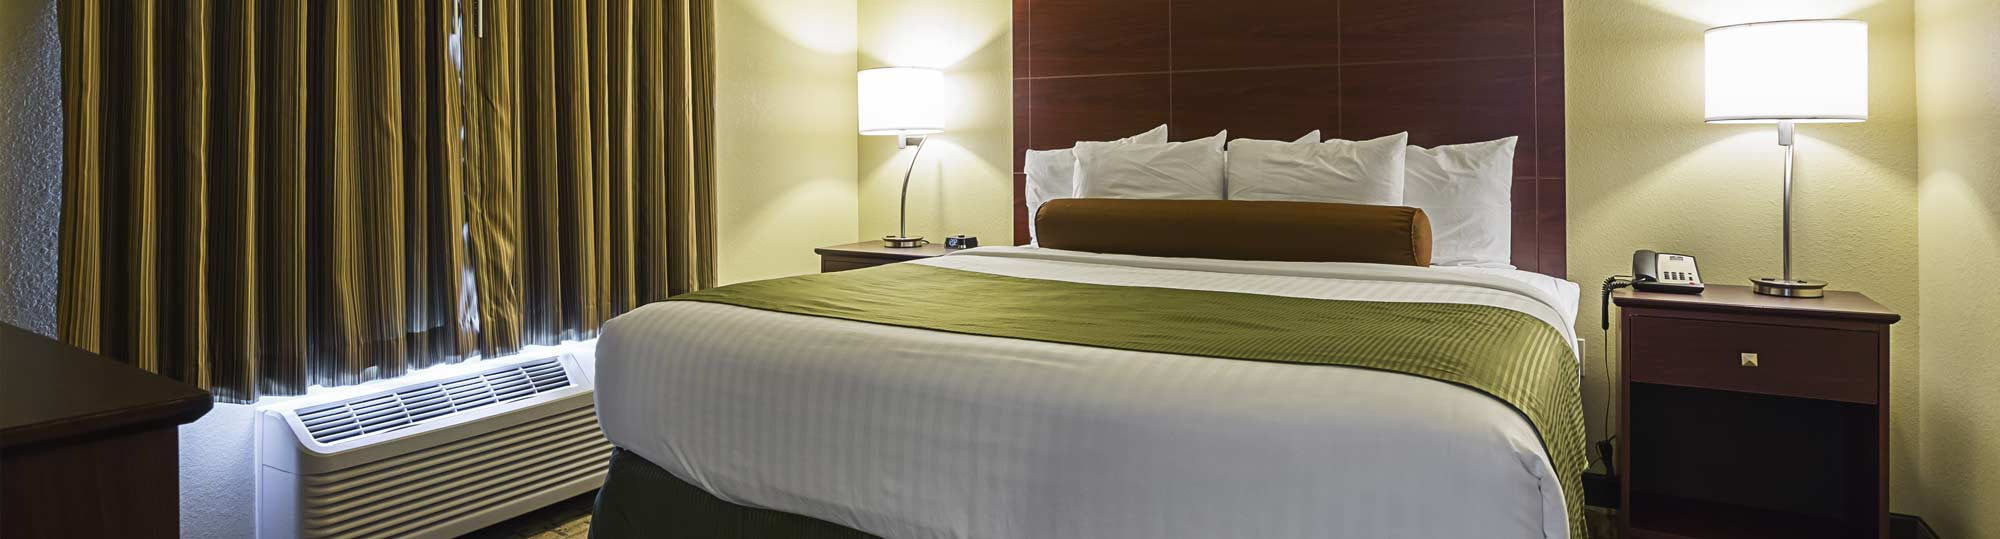 Cobblestone Hotel and Suites Hutchinson